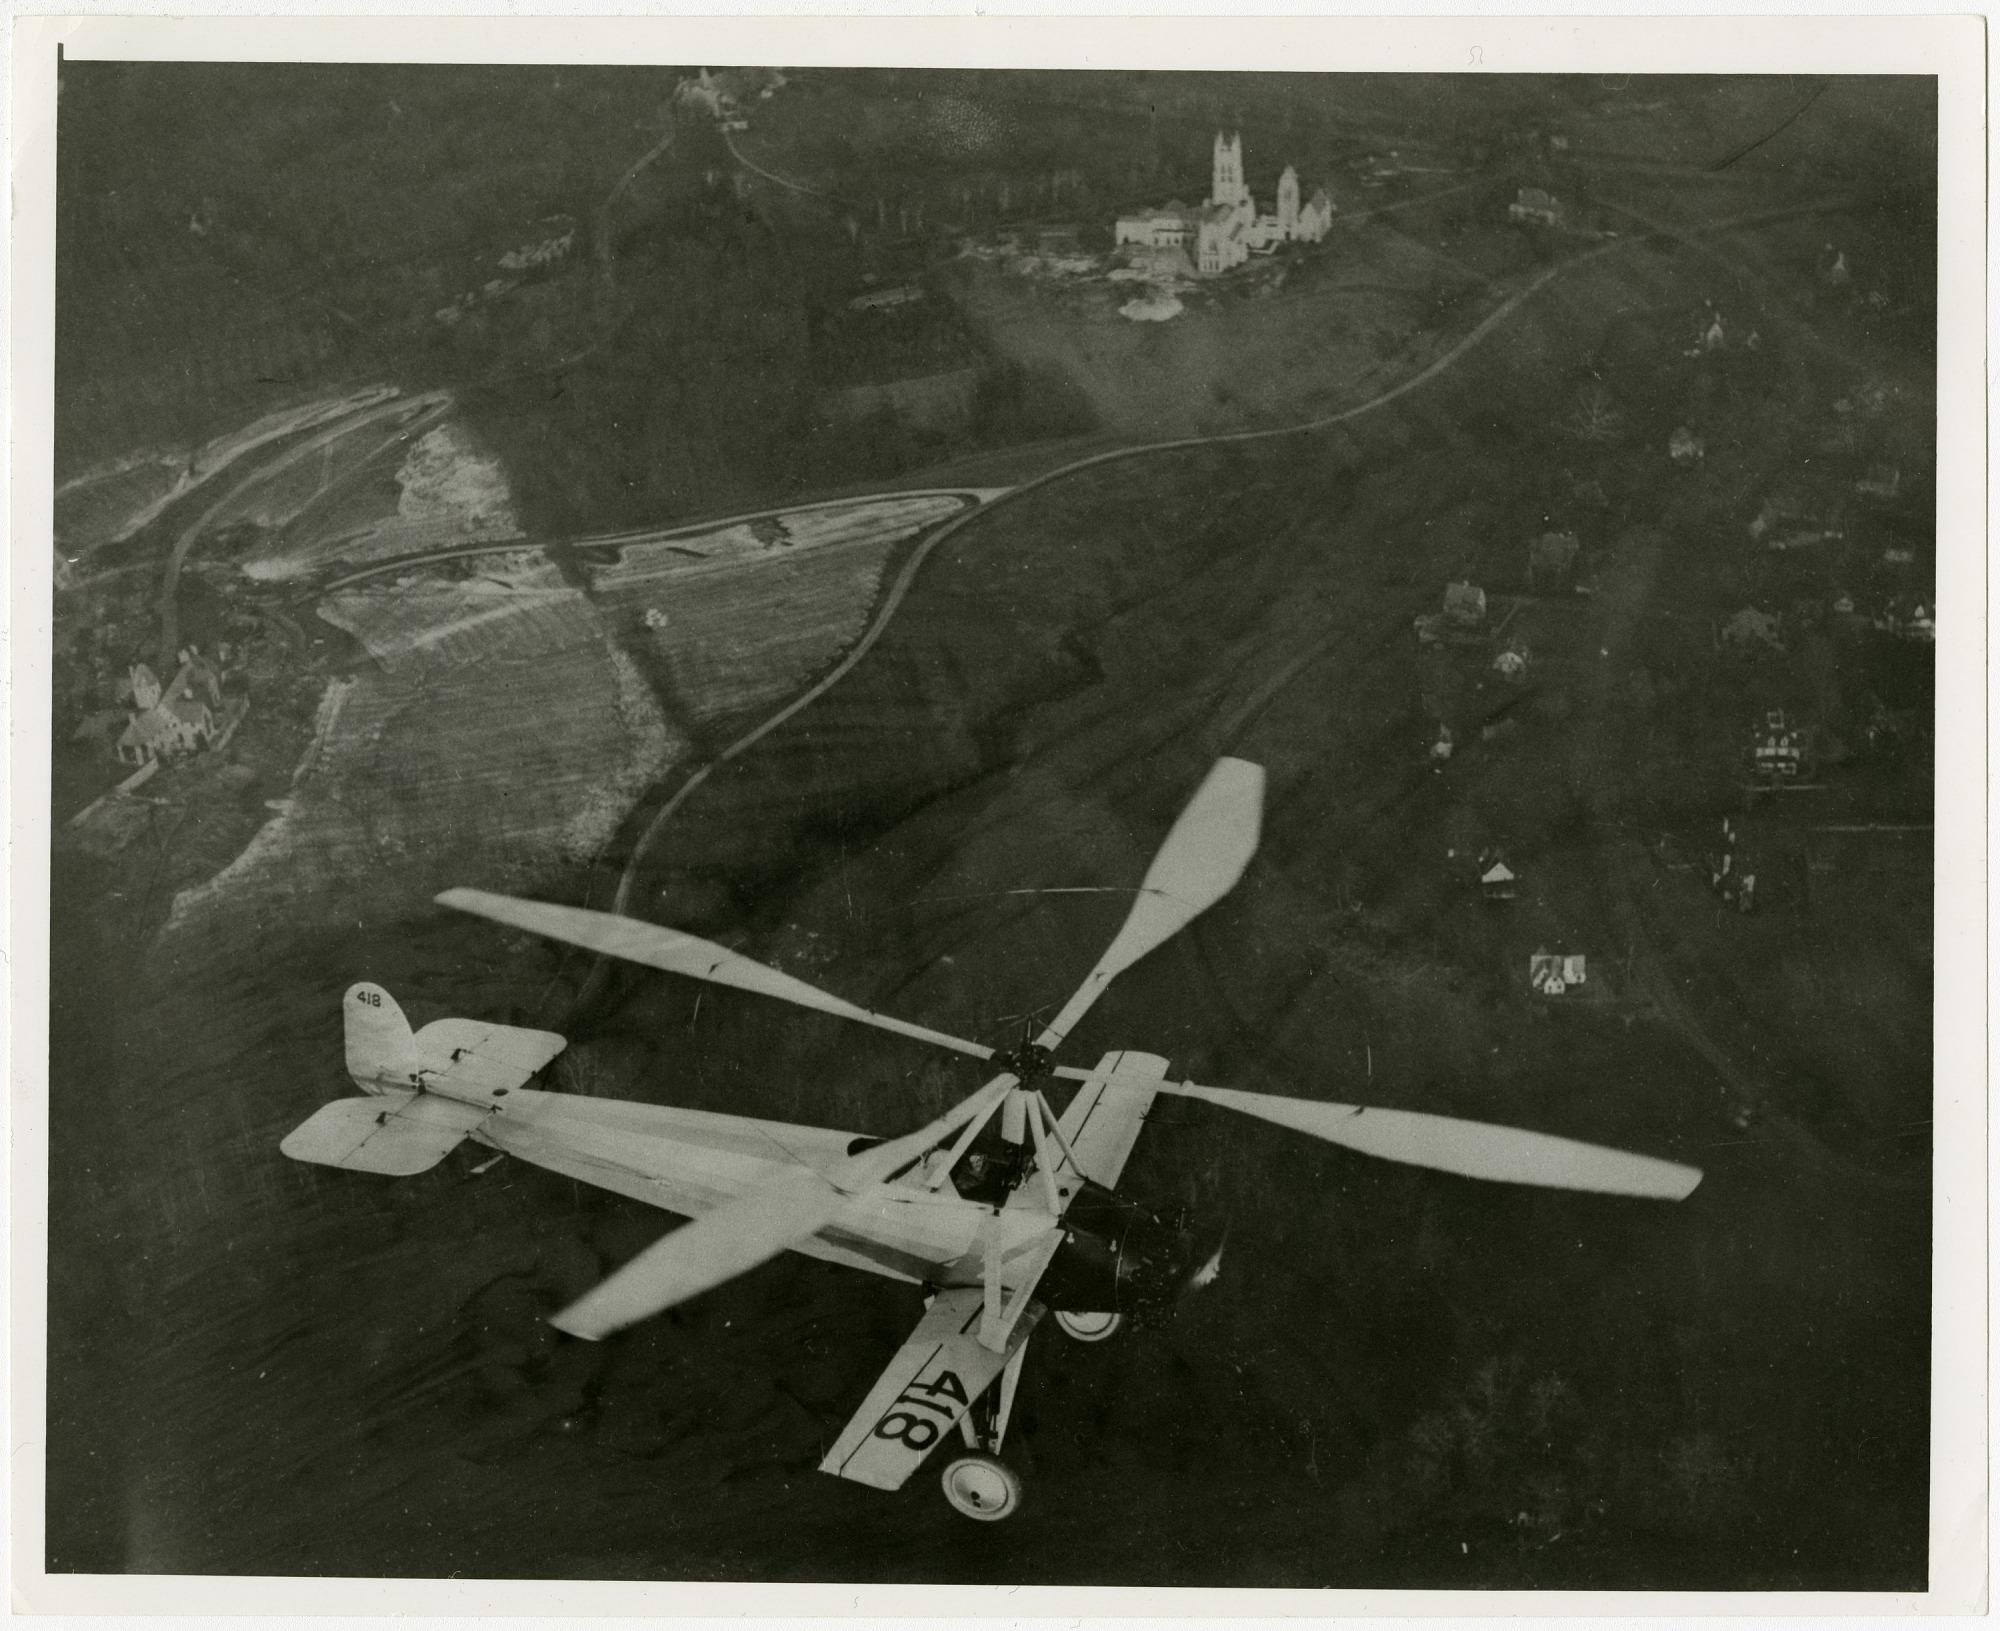 images for Cierva C.8 Mk.IV (C.8W) Autogiro. photograph